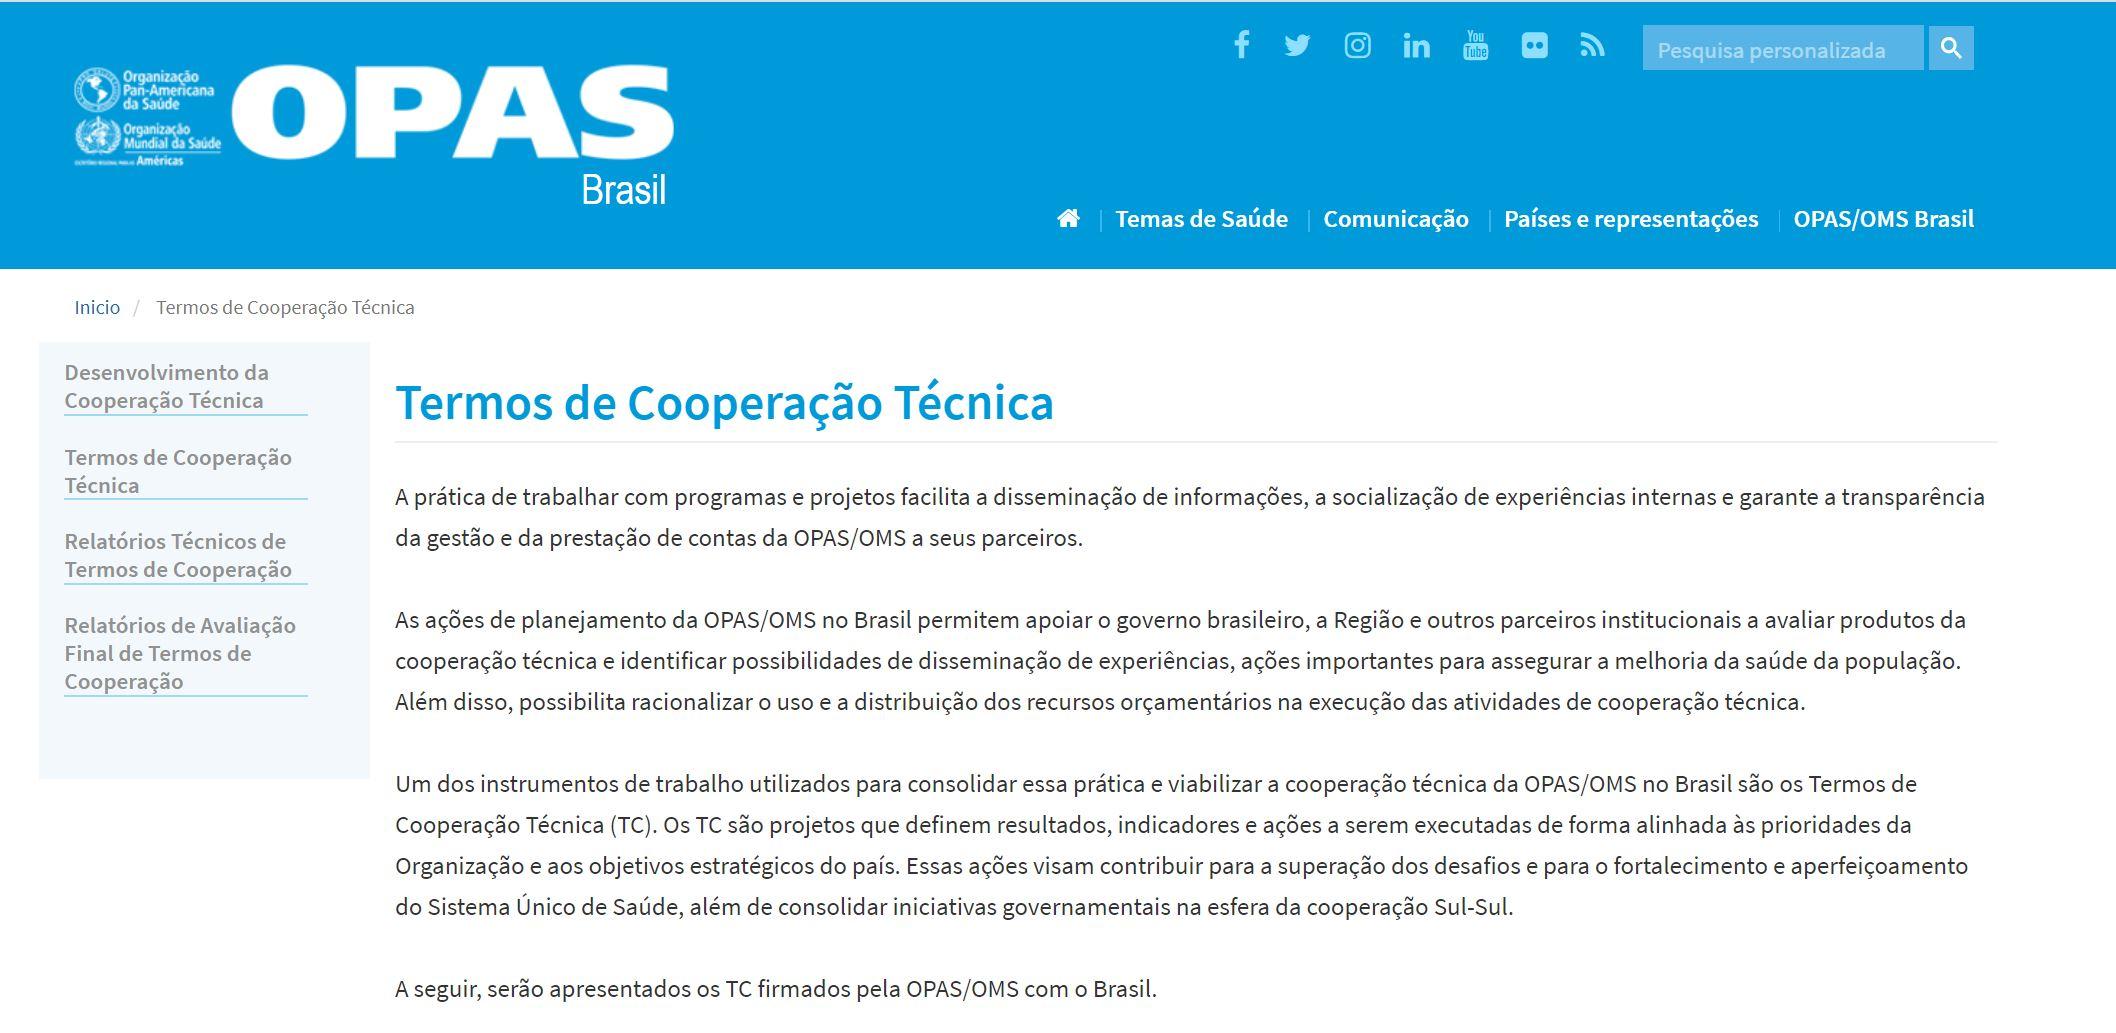 opas_tcs